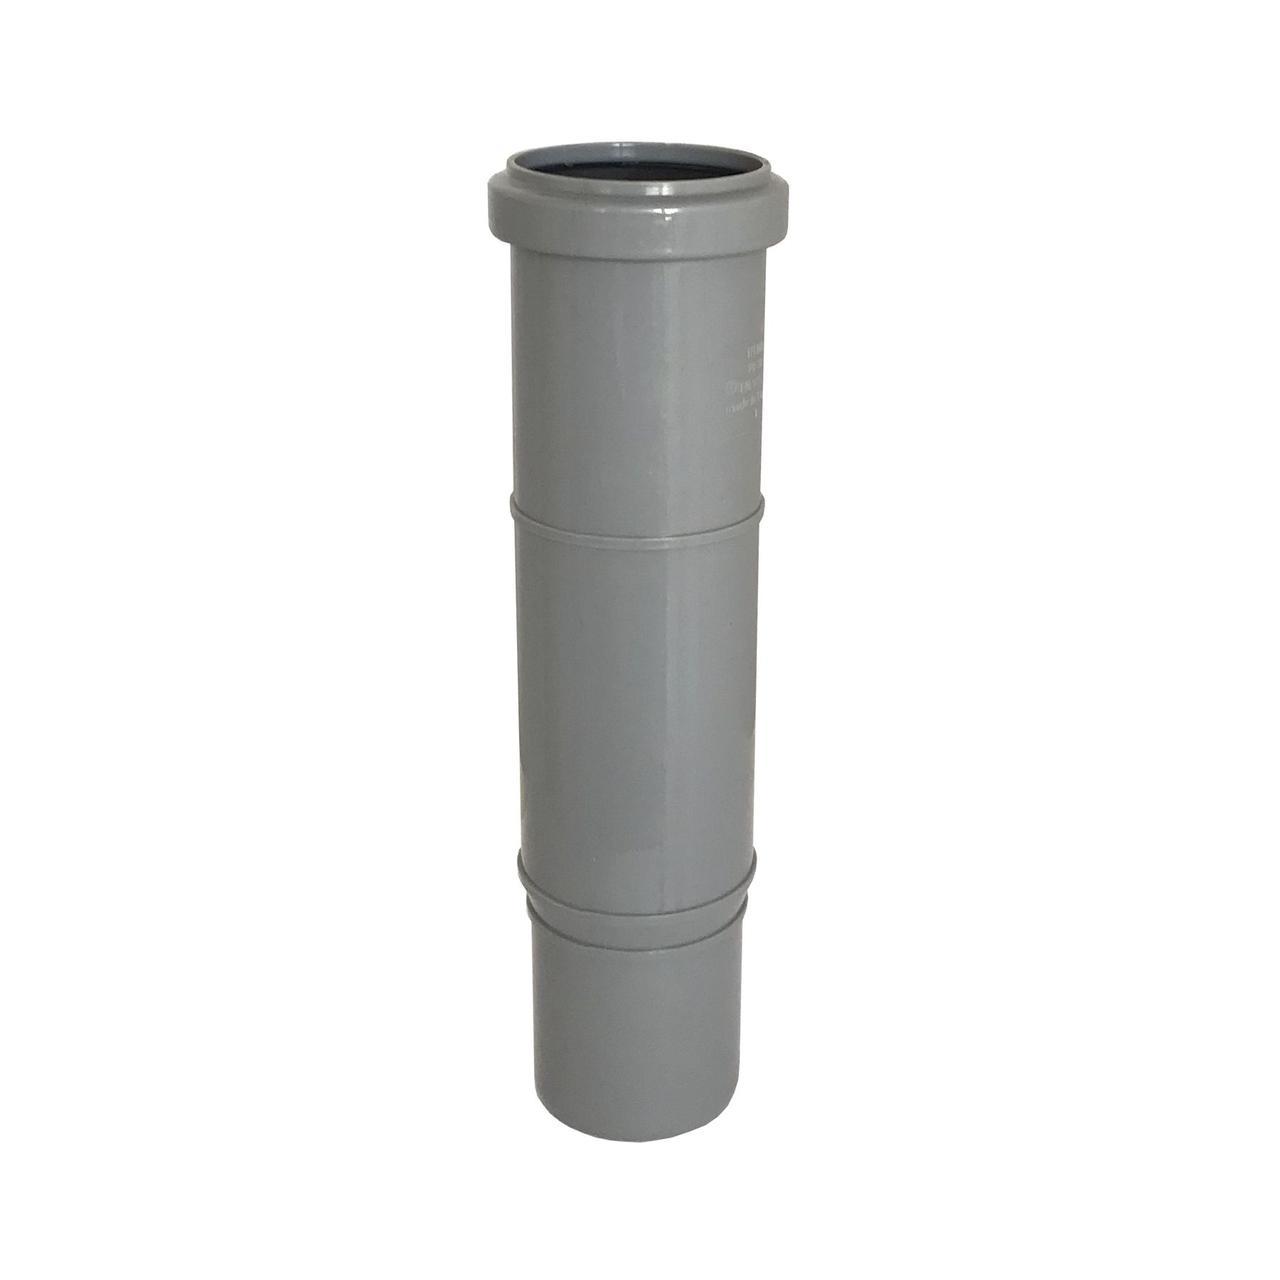 Компенсационной патрубок VSplast 50мм